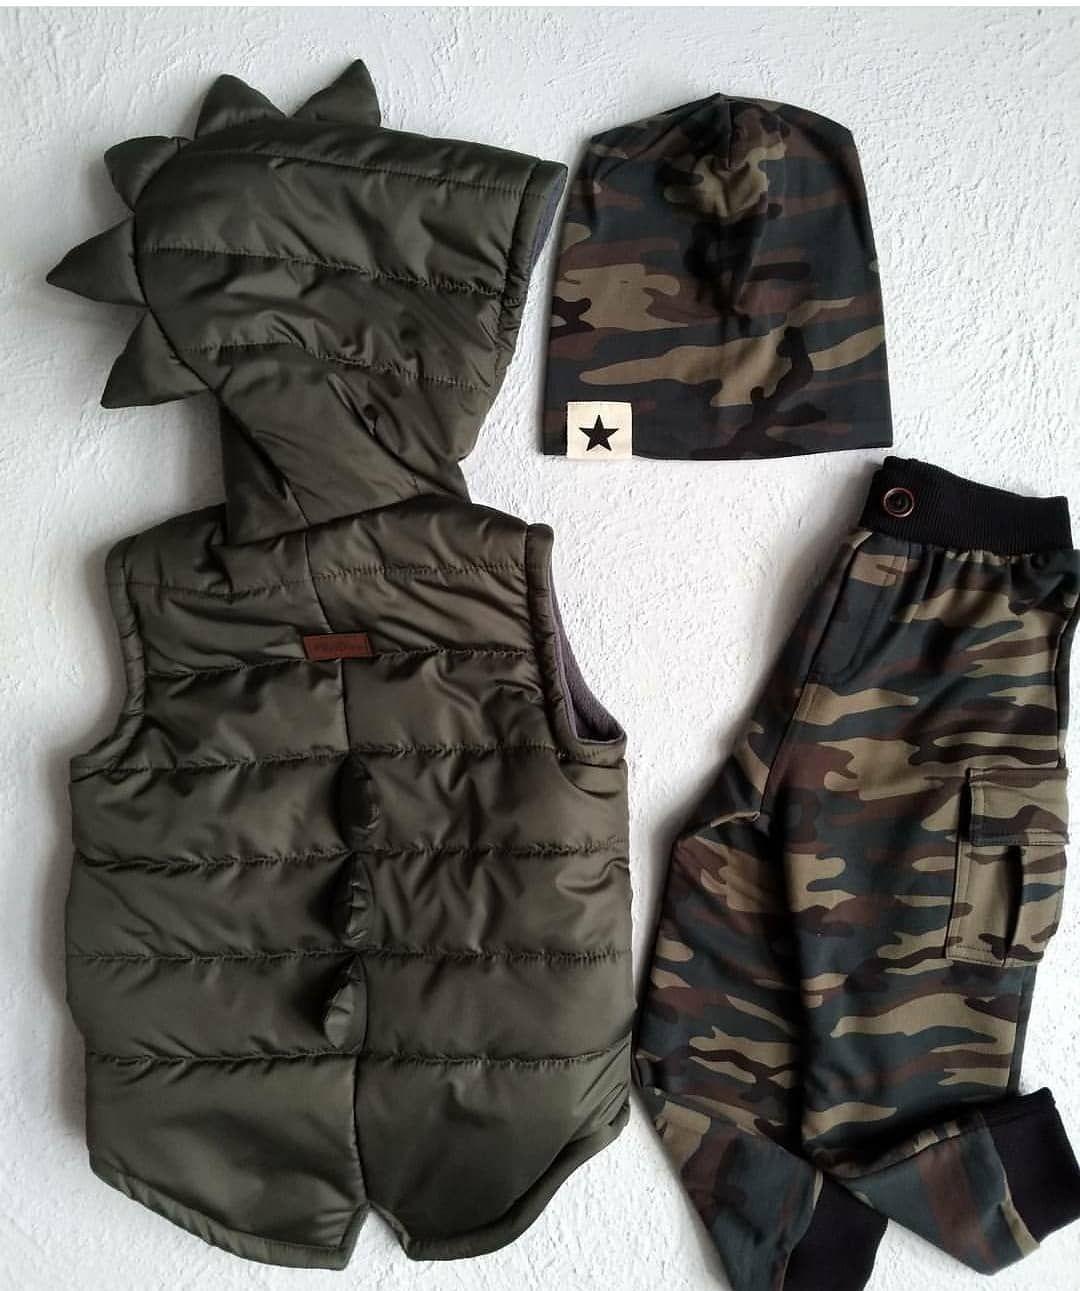 жилетка ДИНО | Одежда для маленьких мальчиков, Одежда для ...